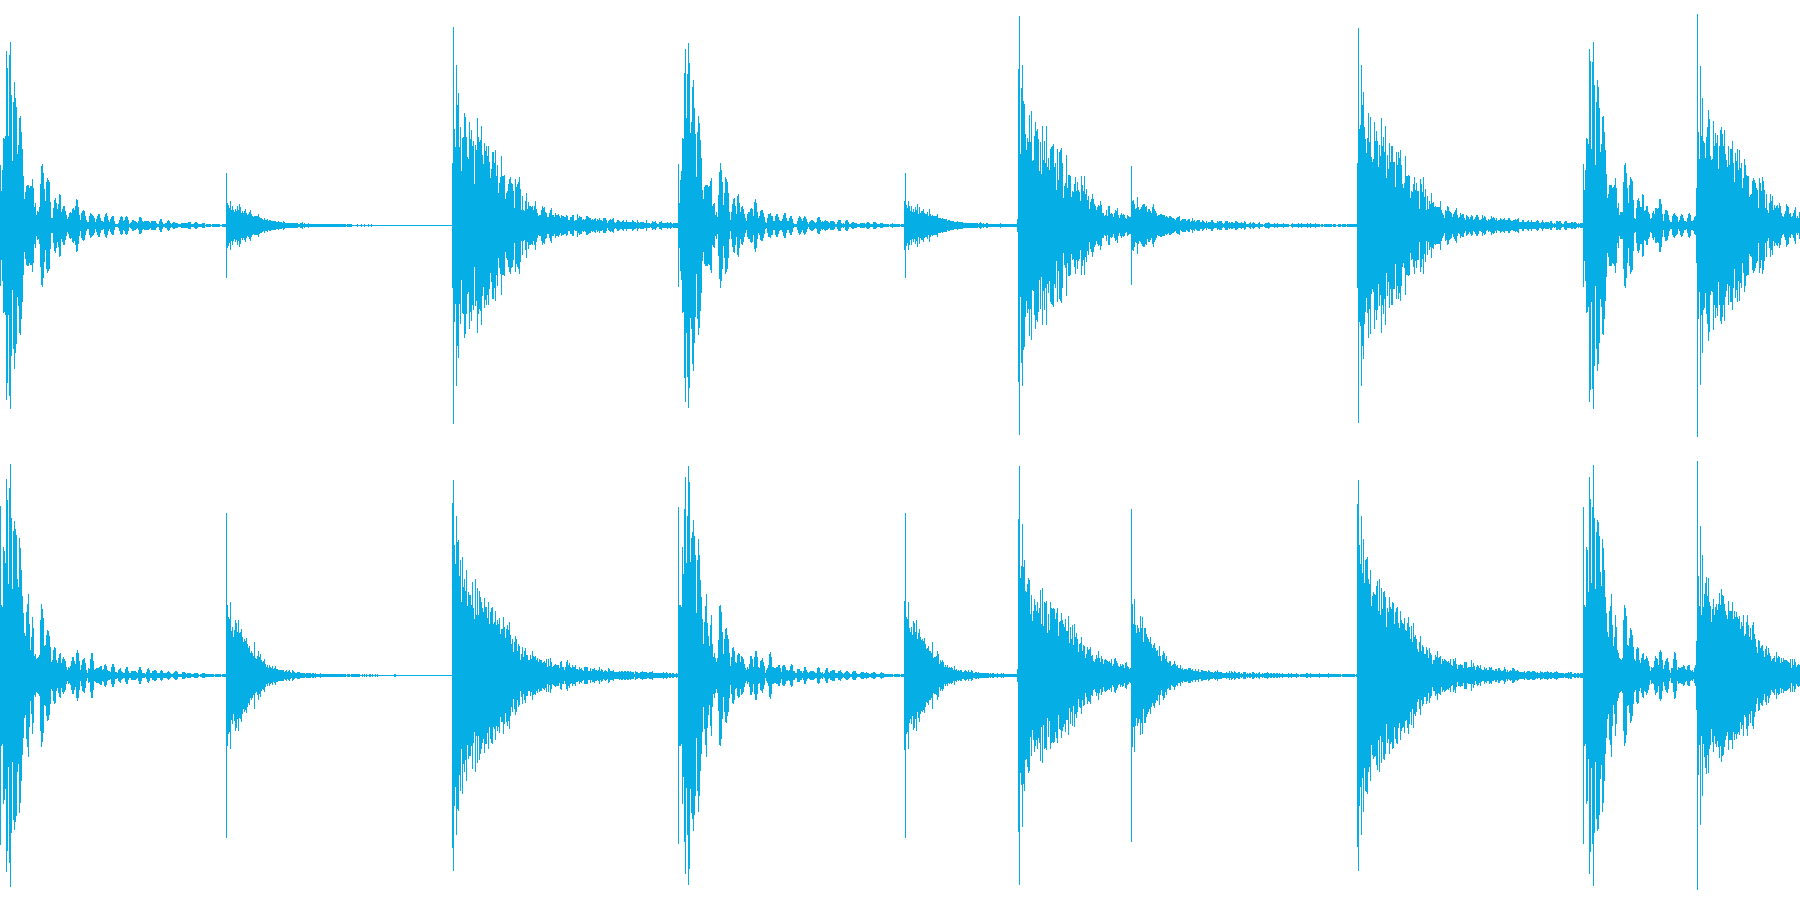 2小節のドラムパターンの再生済みの波形